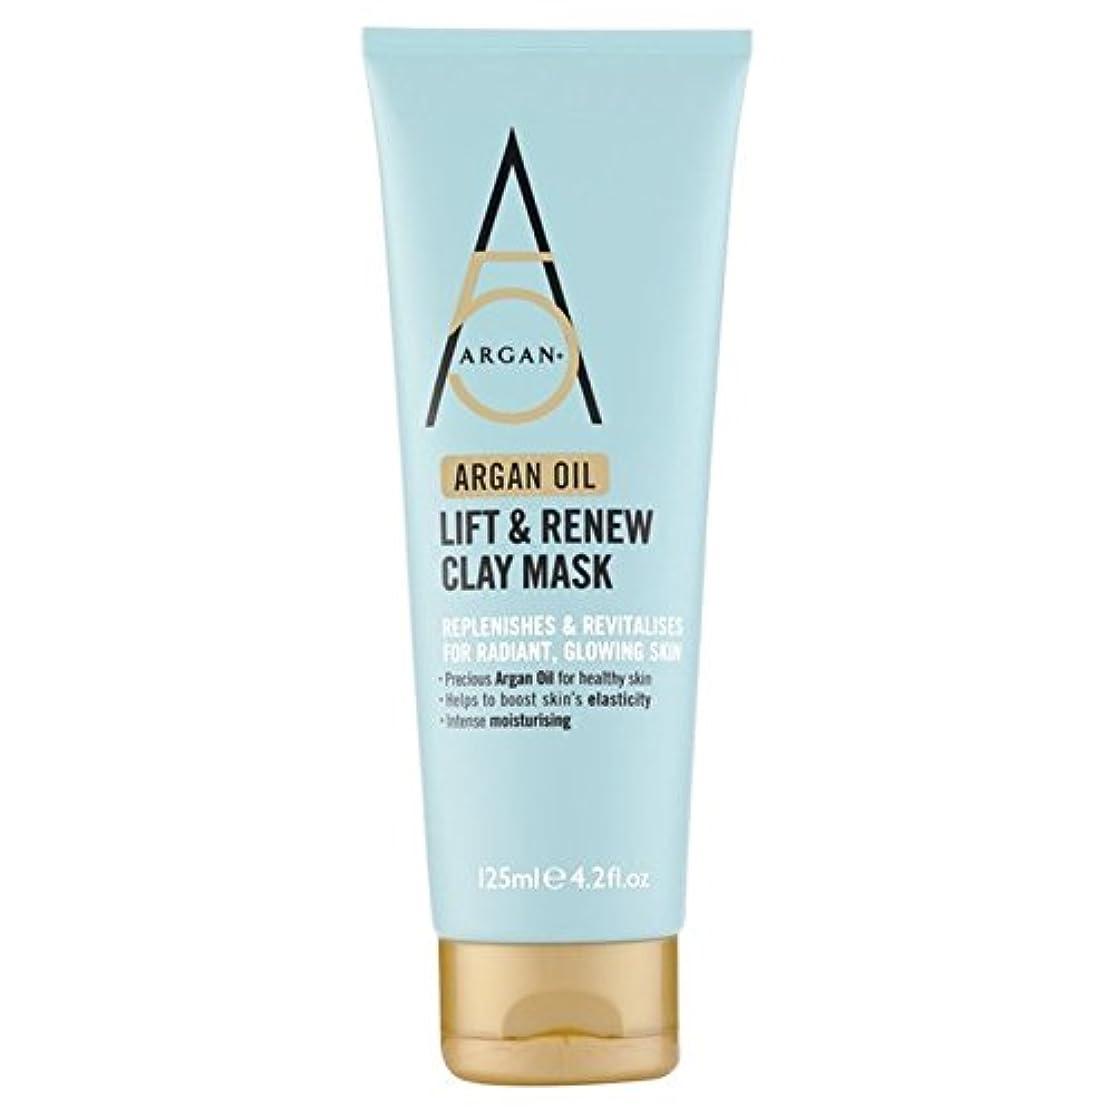 忌まわしい忠実追放Argan+ Lift & Renew Clay Face Mask 125ml - アルガン+リフト&クレイフェイスマスク125ミリリットルを更新 [並行輸入品]